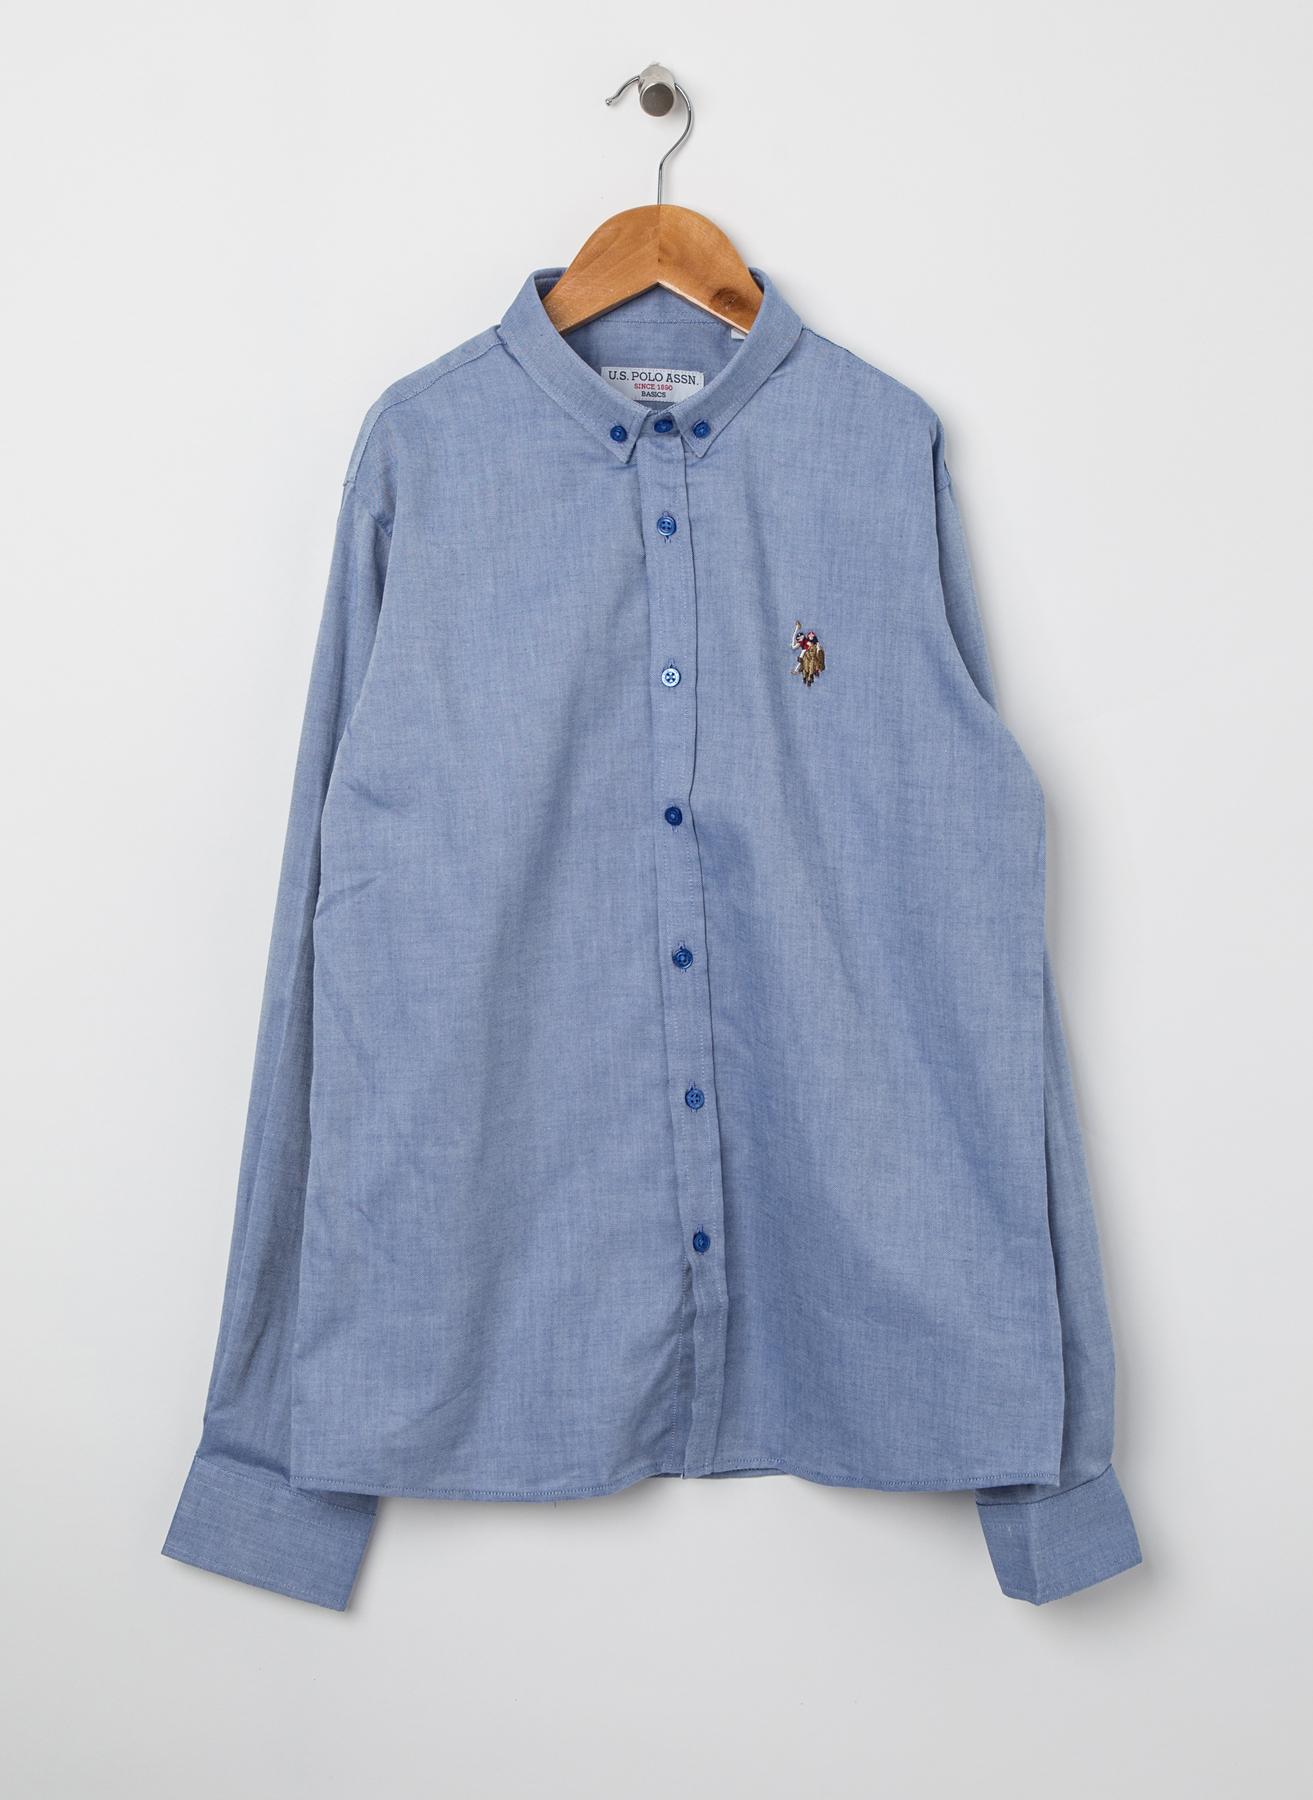 U.S. Polo Assn. Saks Gömlek 60 5001823809001 Ürün Resmi